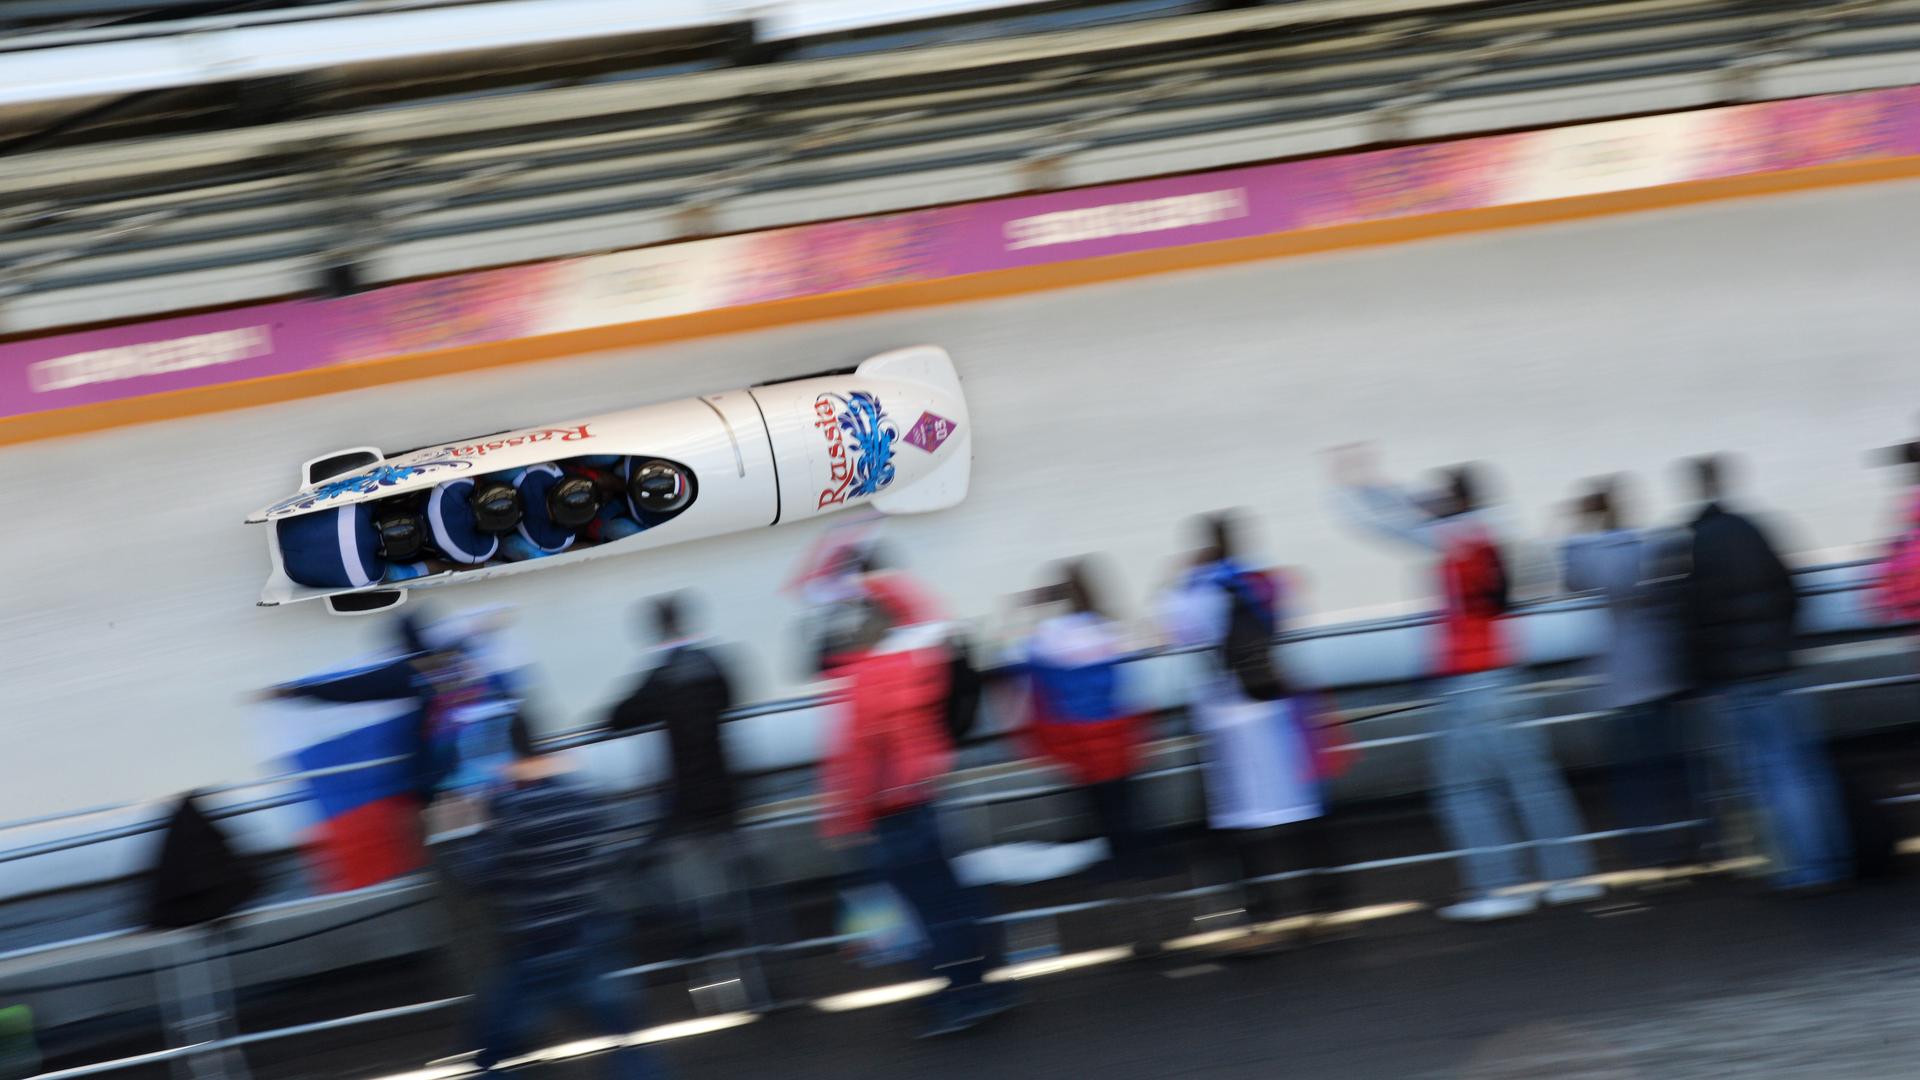 Бобслей включён в программу Паралимпиады-2022 в Пекине